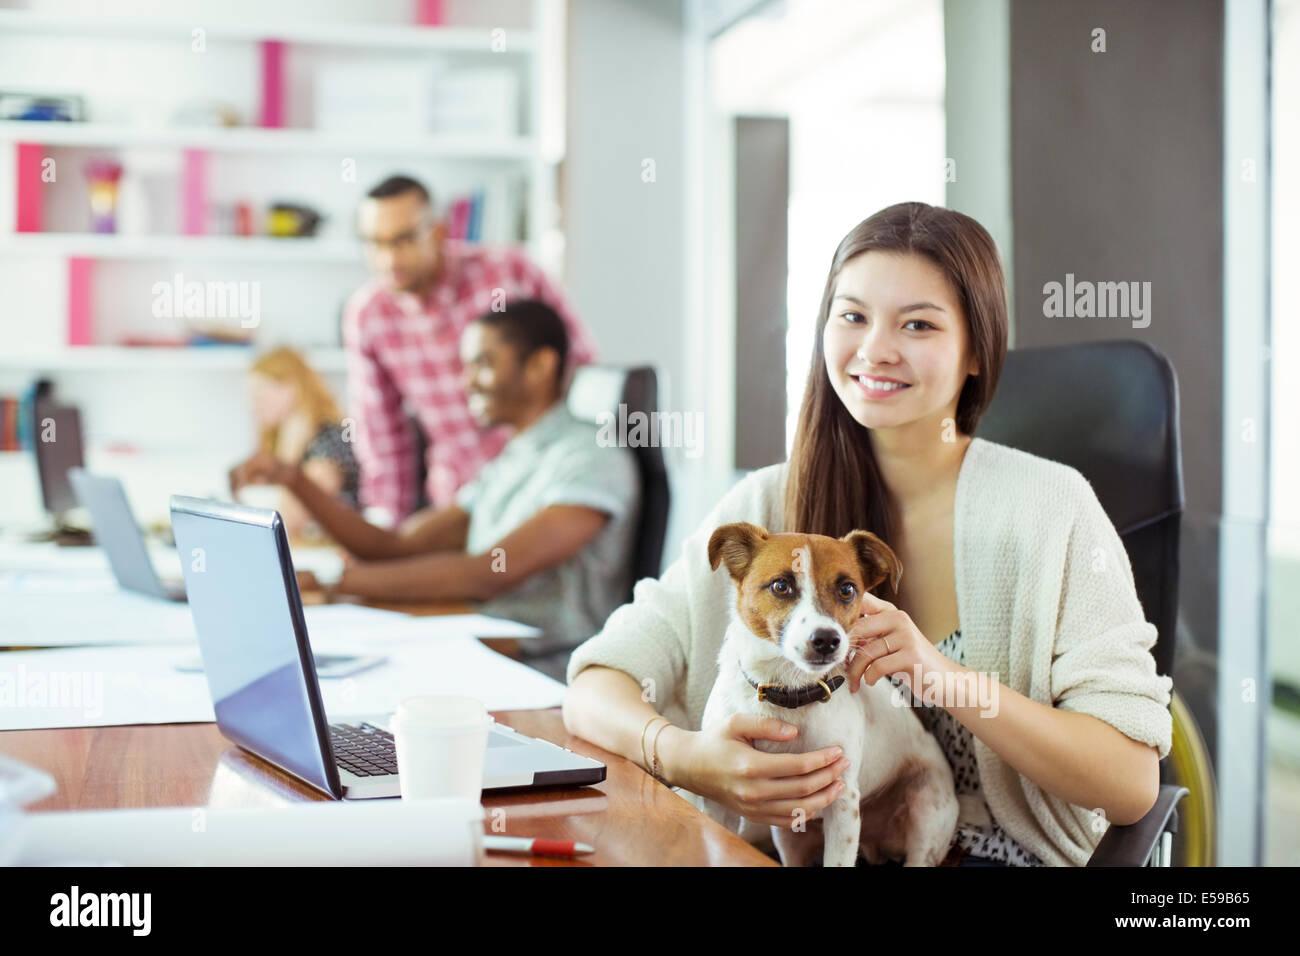 Frau Petting Hund im Büro Stockbild